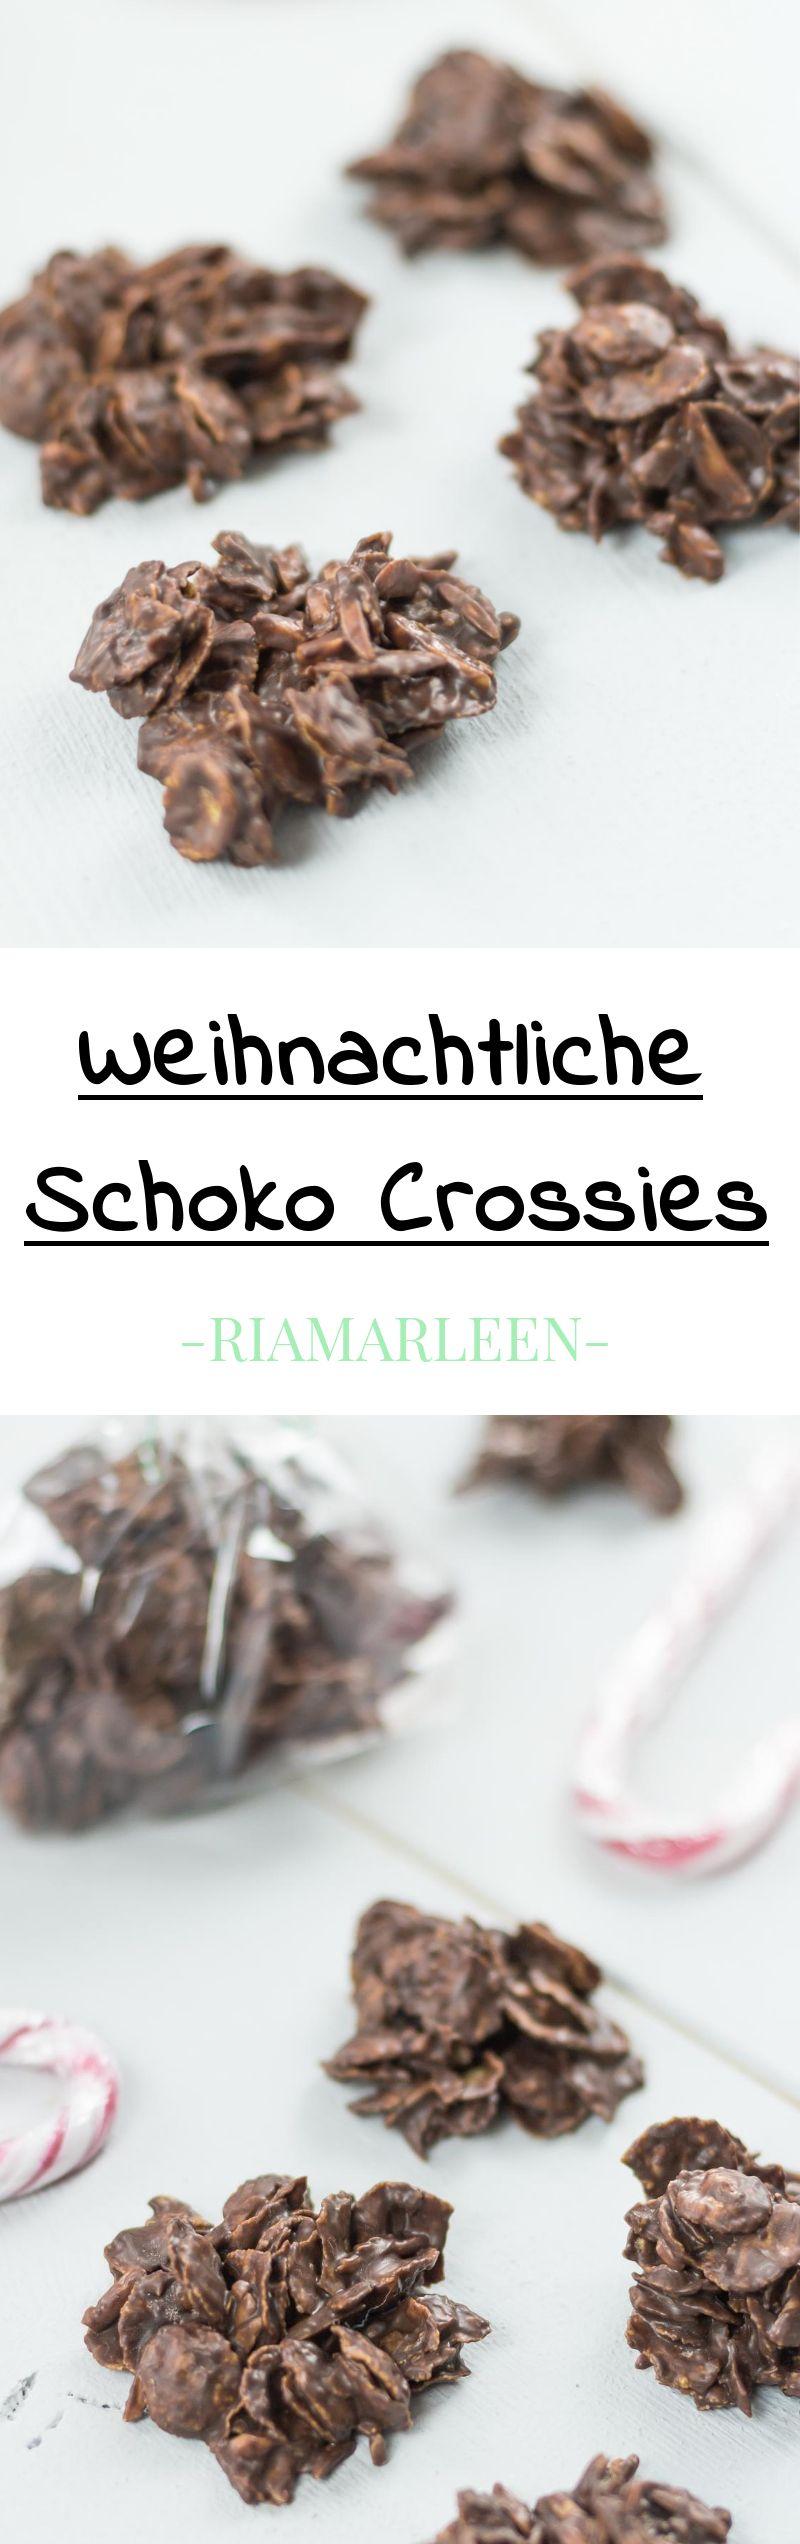 Weihnachtliche Schoko Crossies selber machen - schönes Geschenk in ...